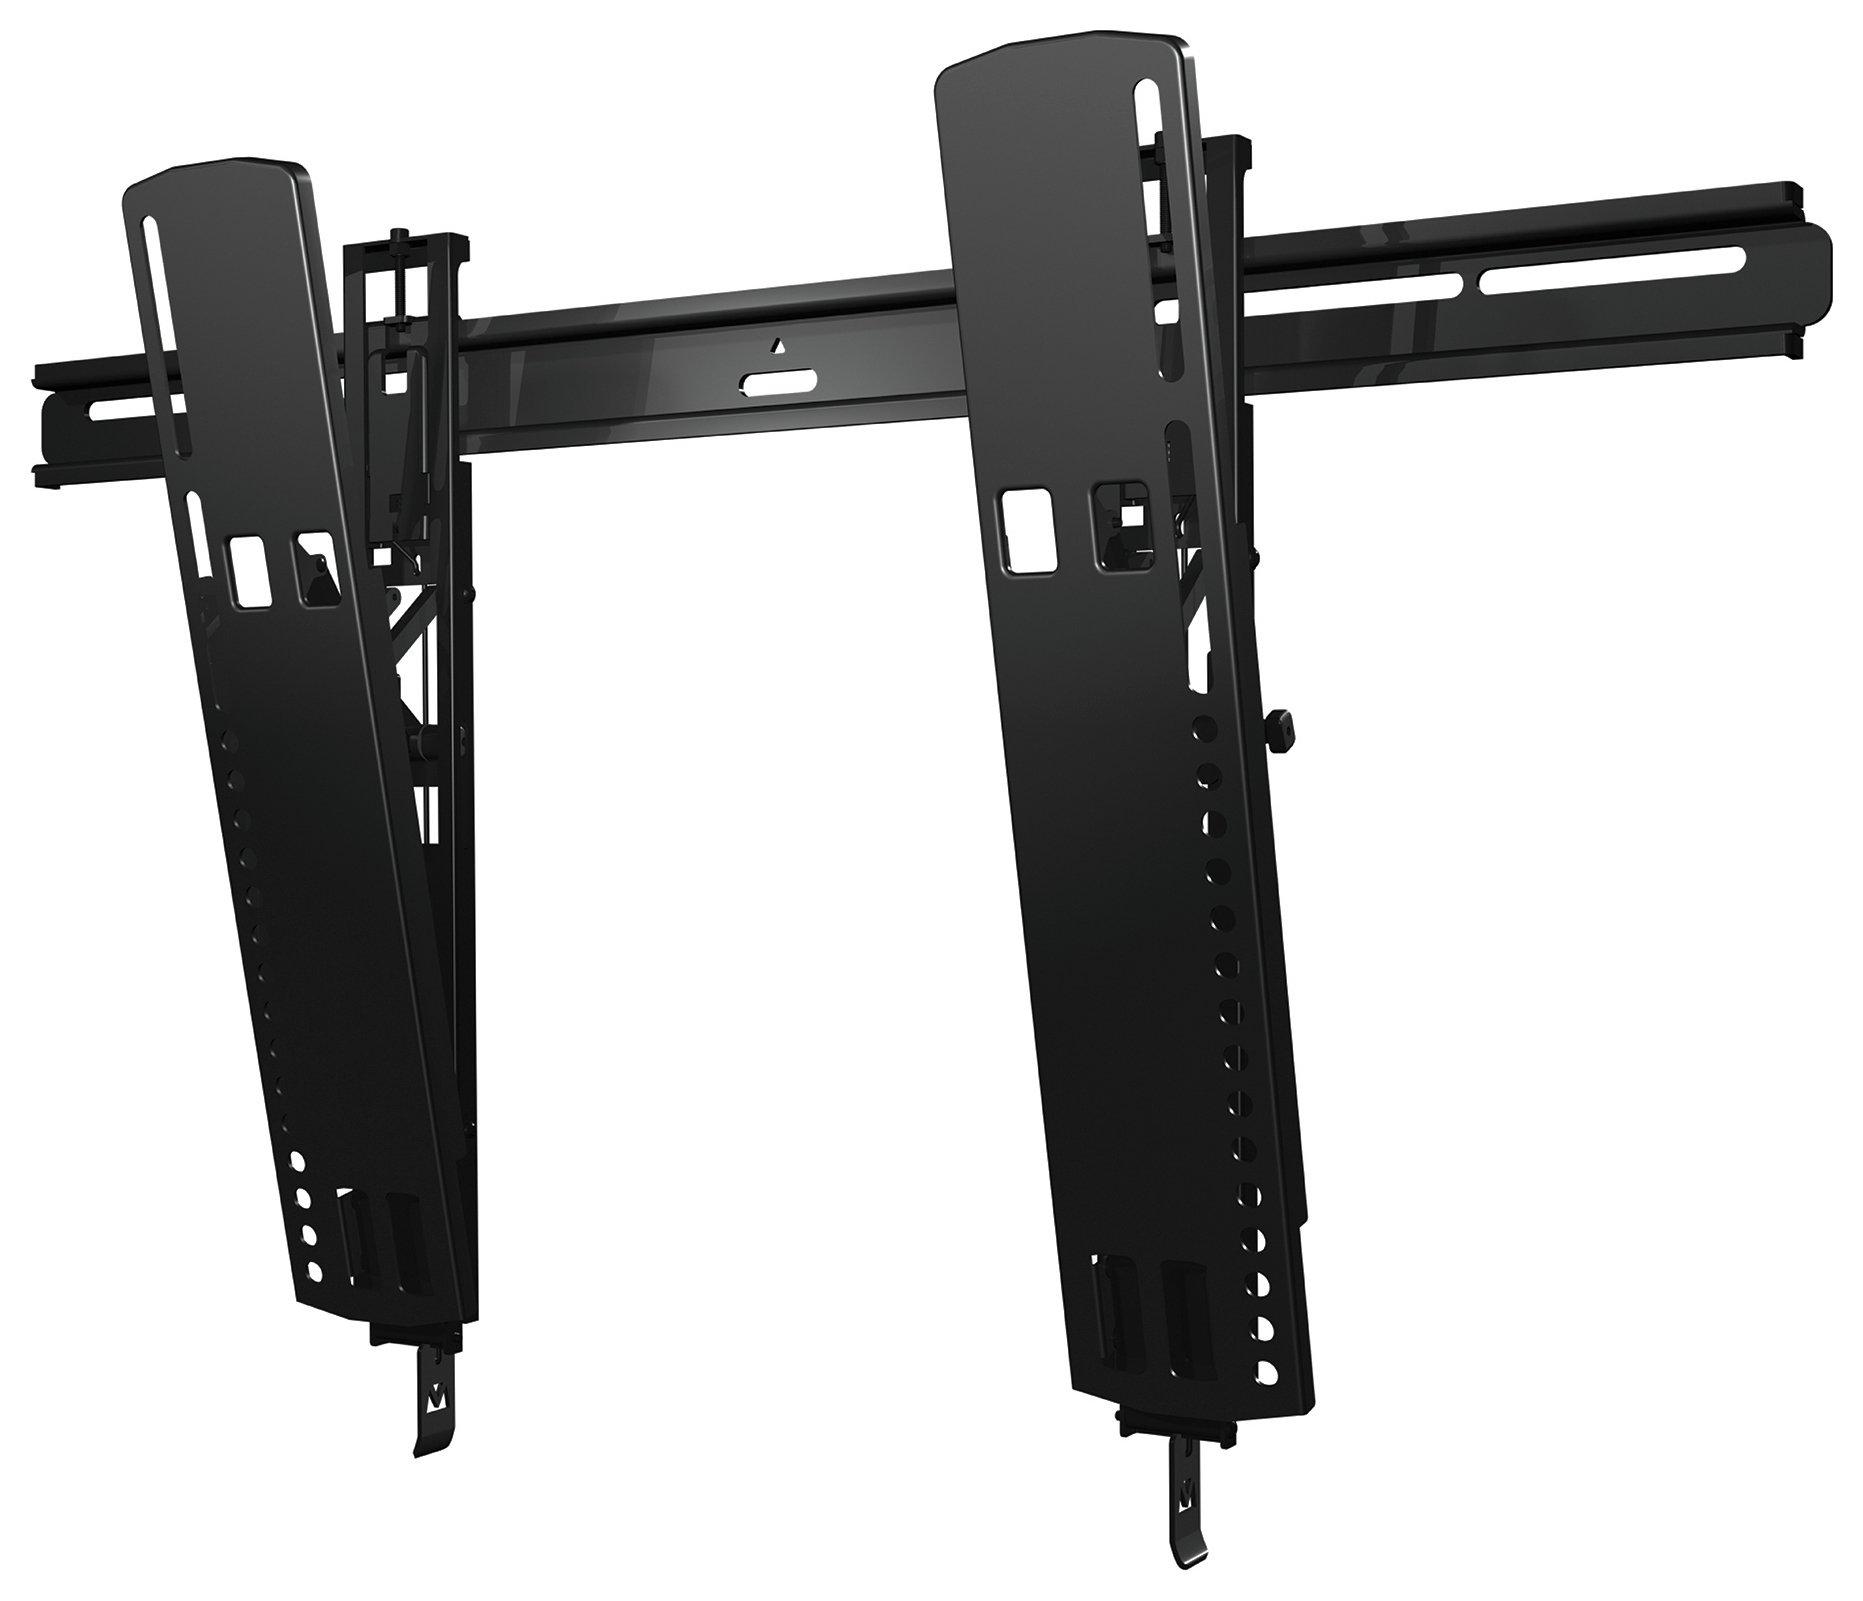 sanus-premium-super-slim-51-80-inch-tv-tilting-mount